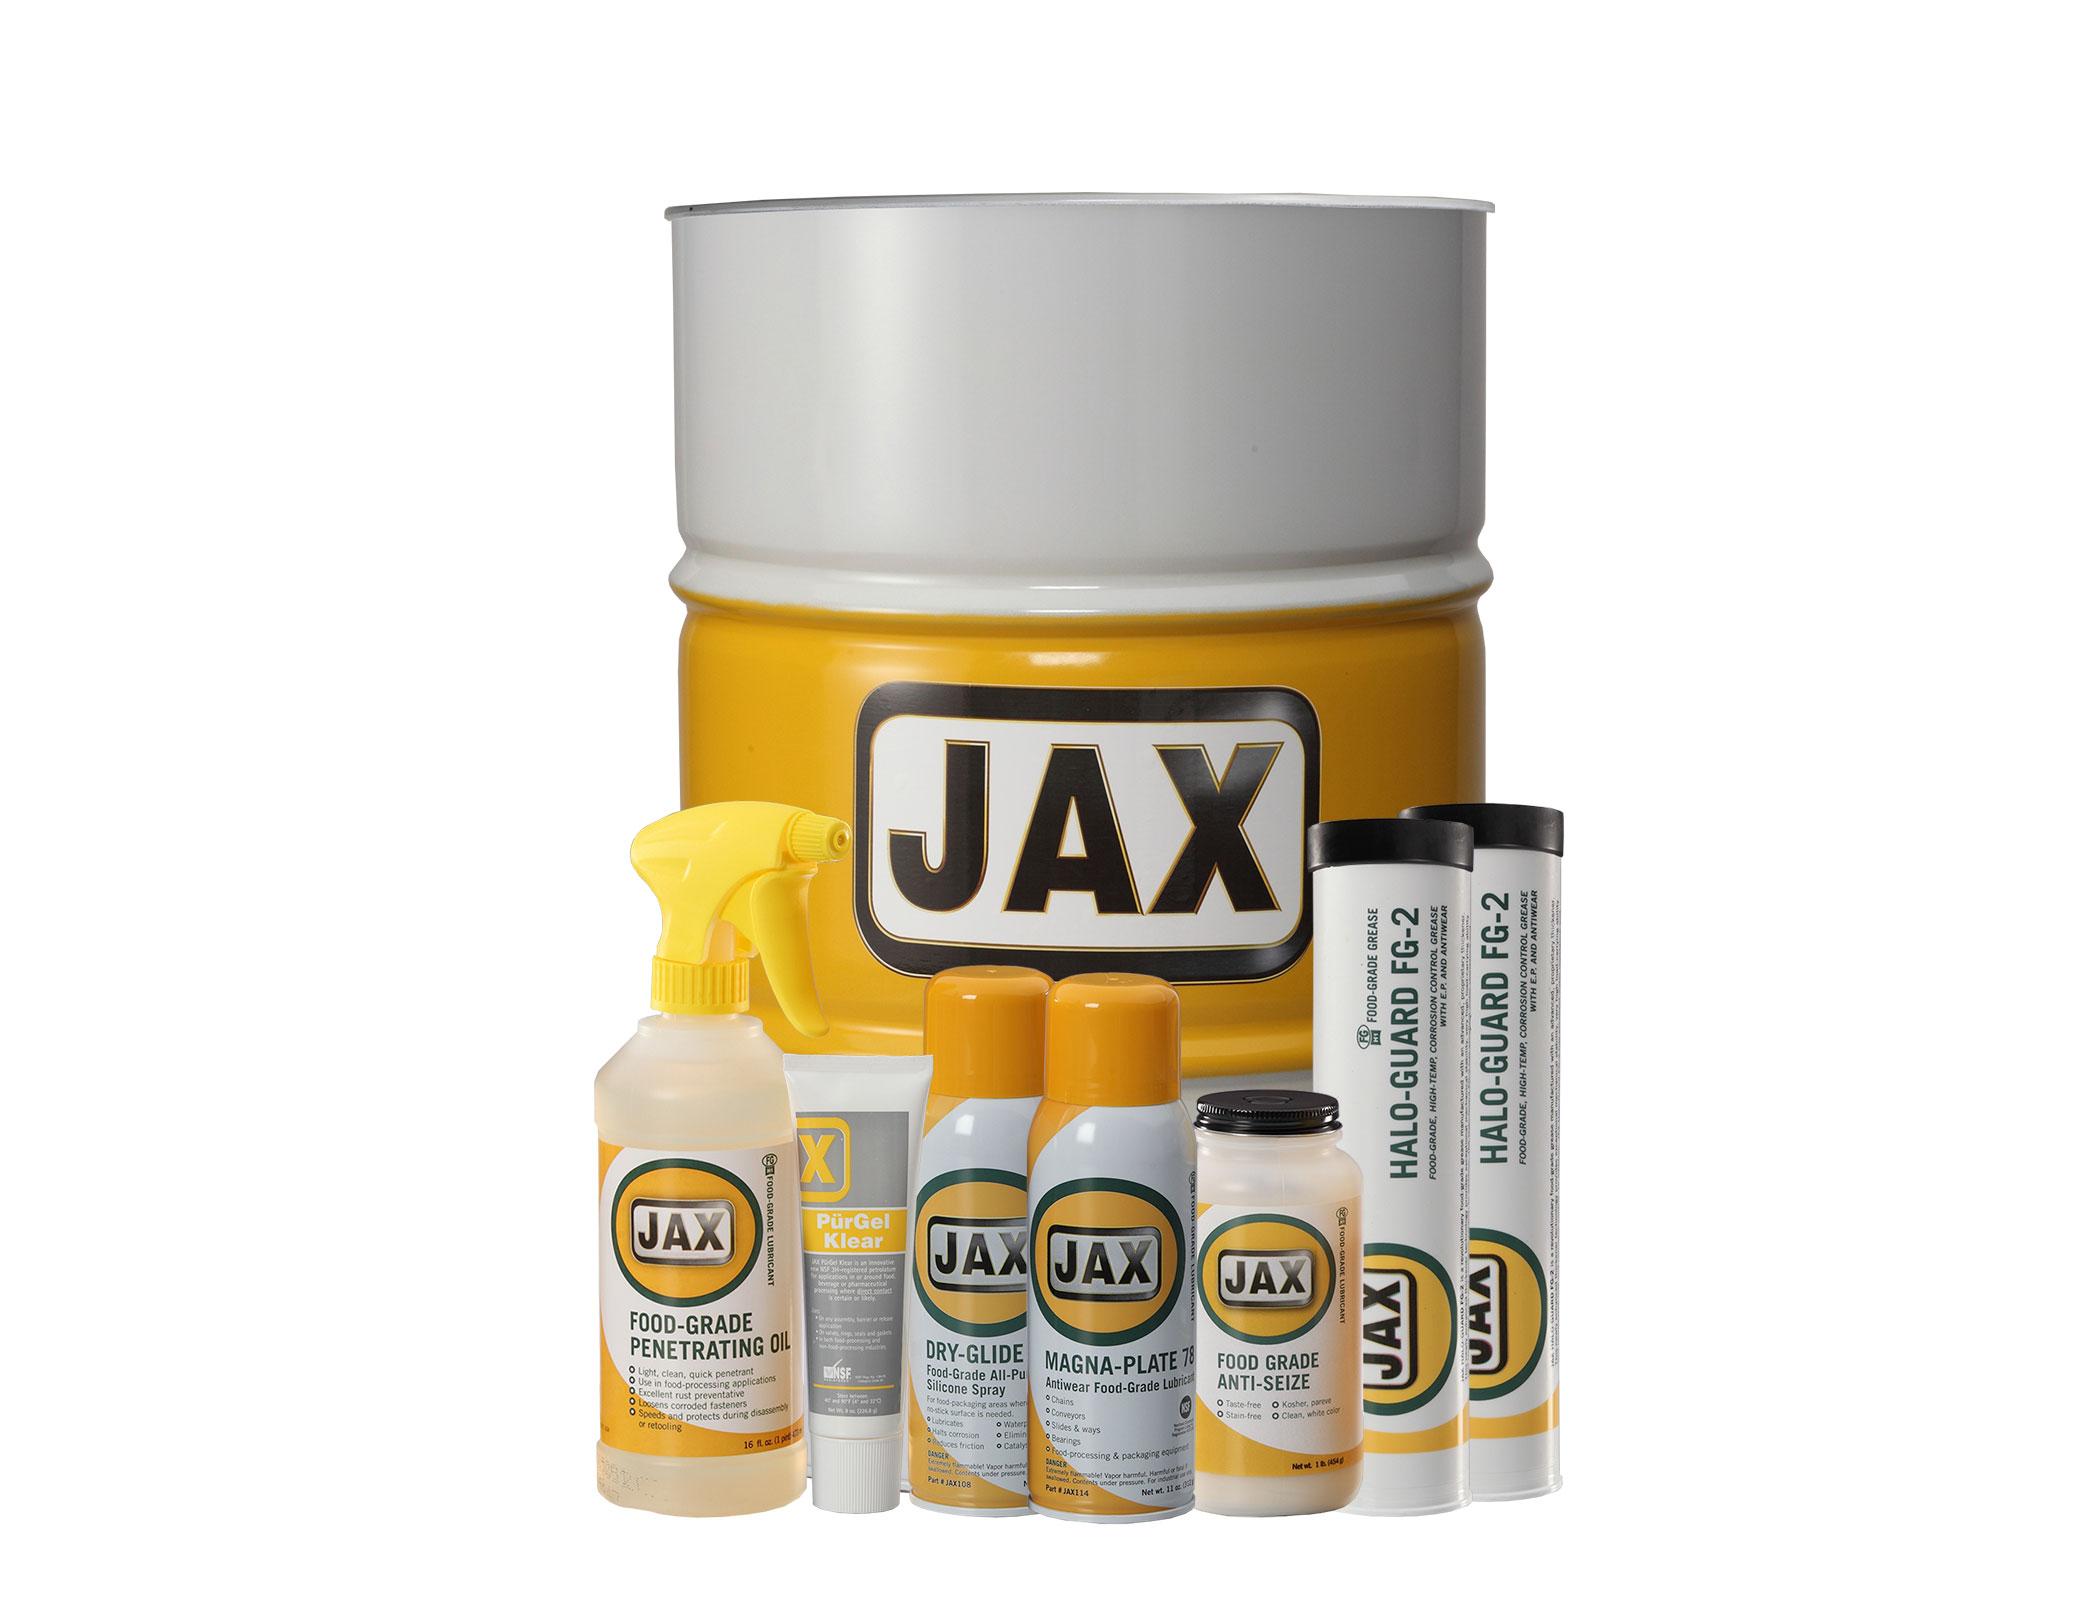 Jax products